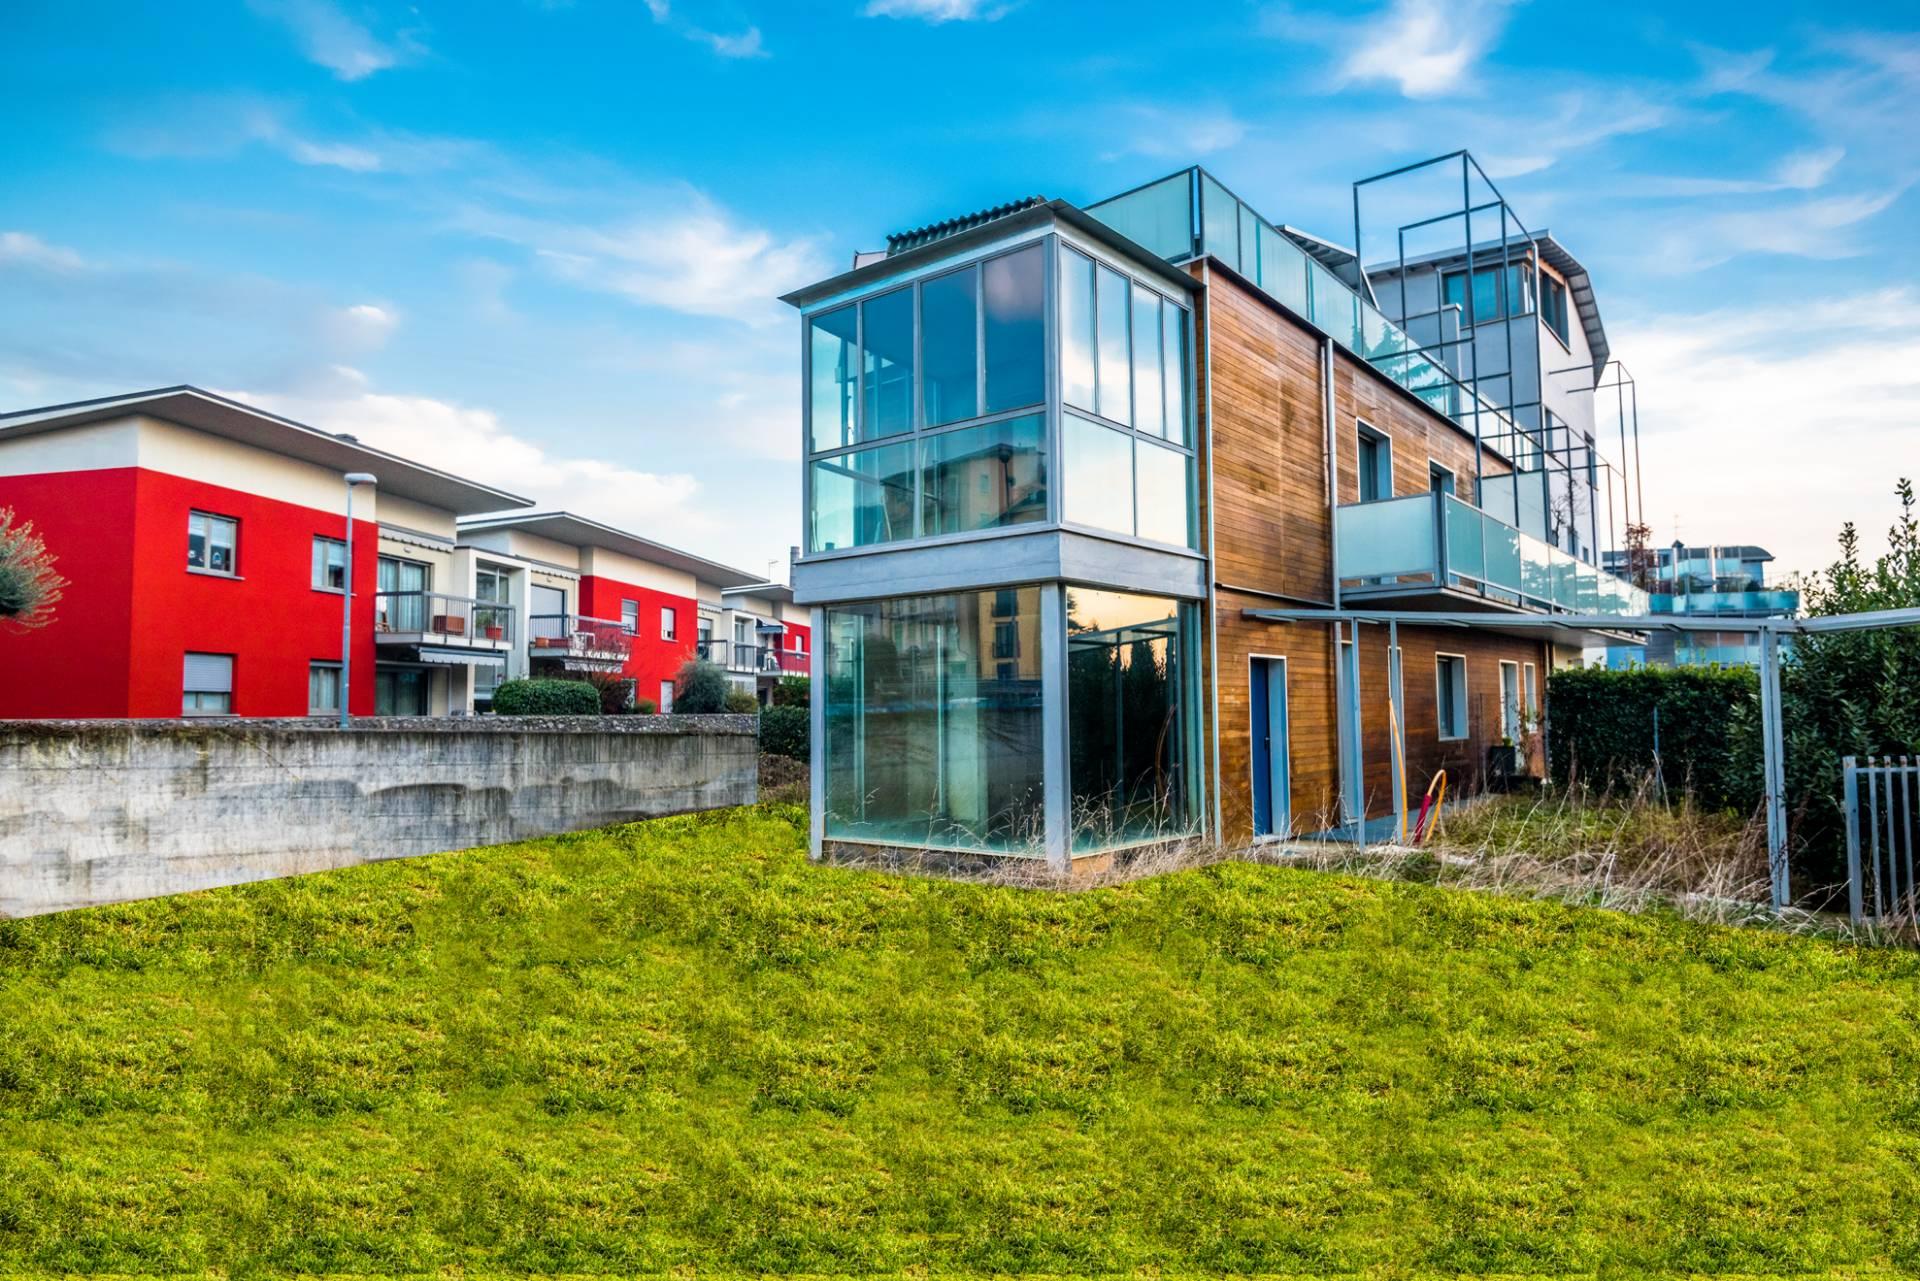 Villa in vendita a Alzano Lombardo, 6 locali, prezzo € 270.000 | PortaleAgenzieImmobiliari.it